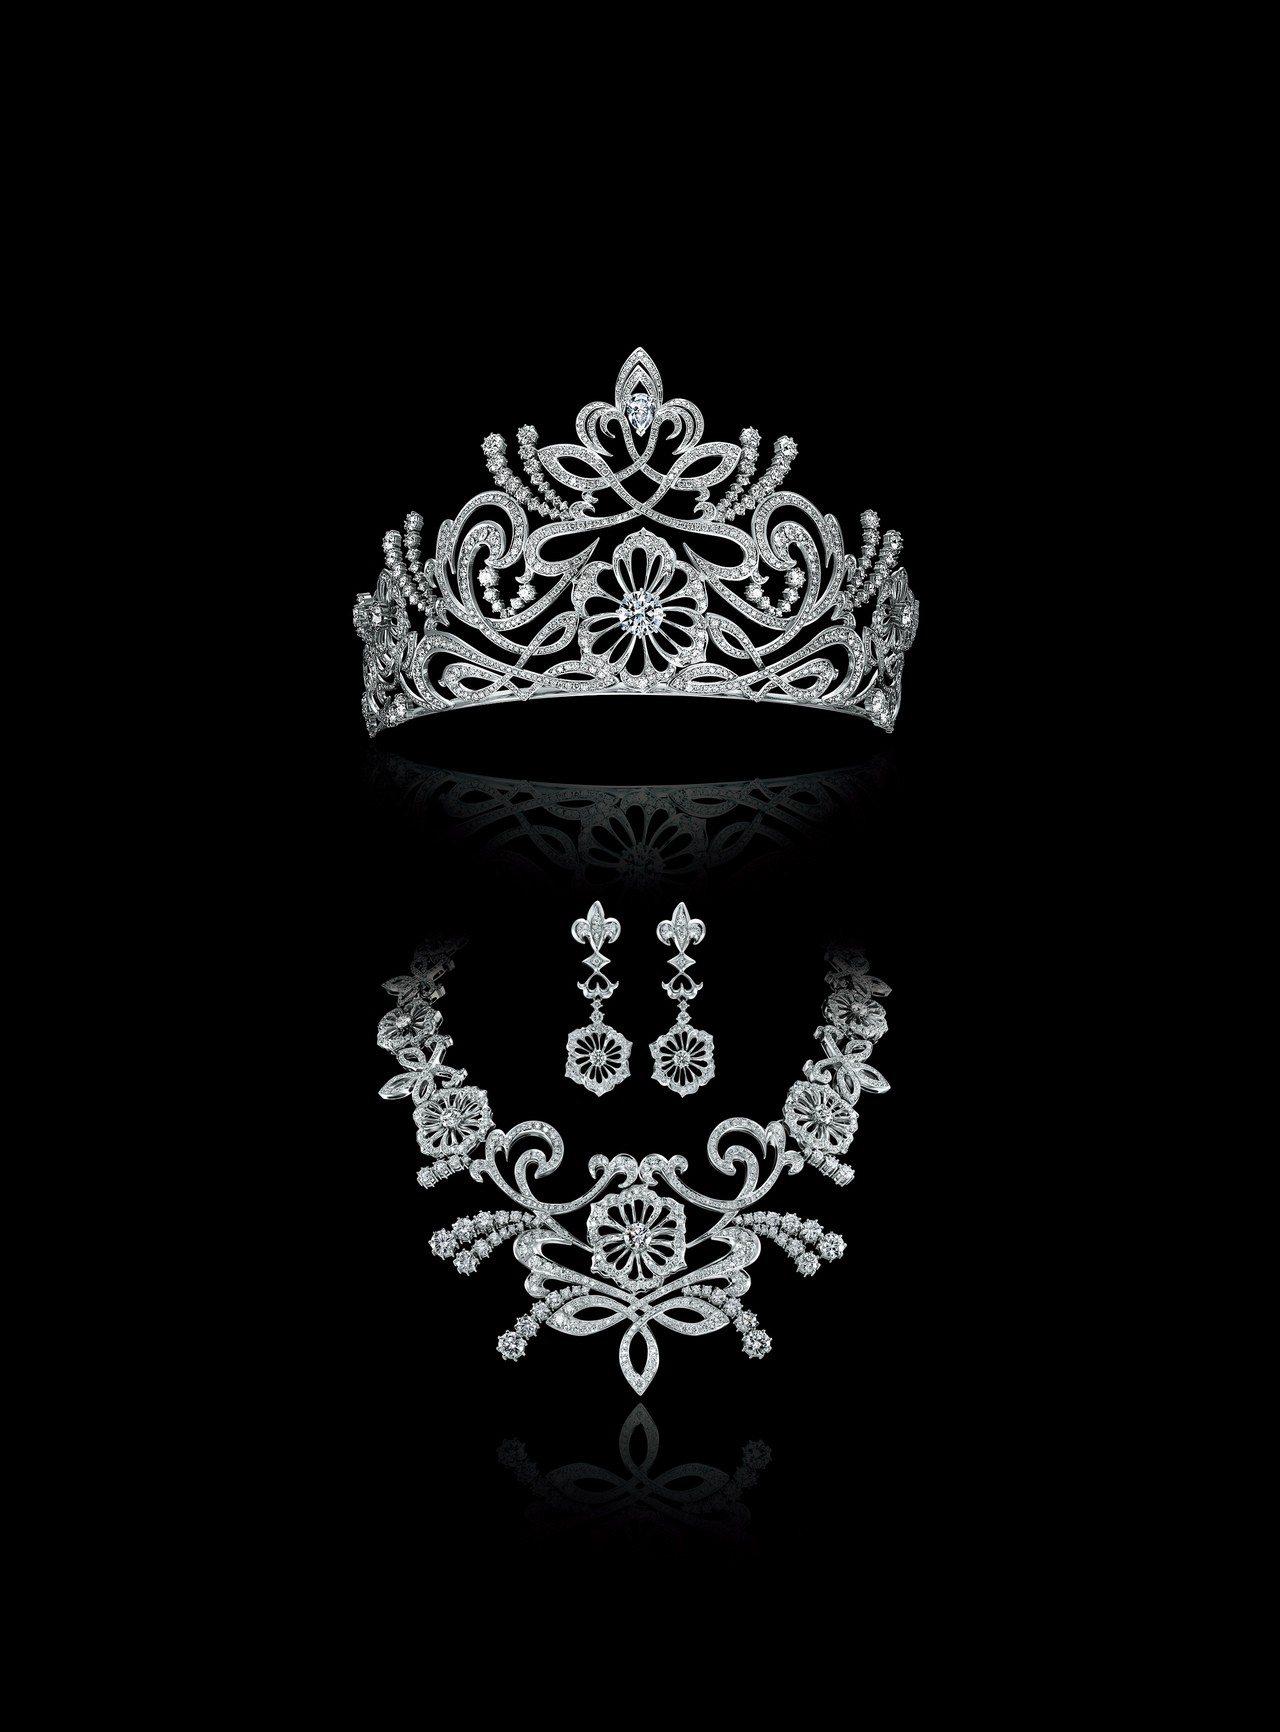 銀座白石特地將訂價超過1億3,000萬元的「Shangrilla皇冠組合」運送來...